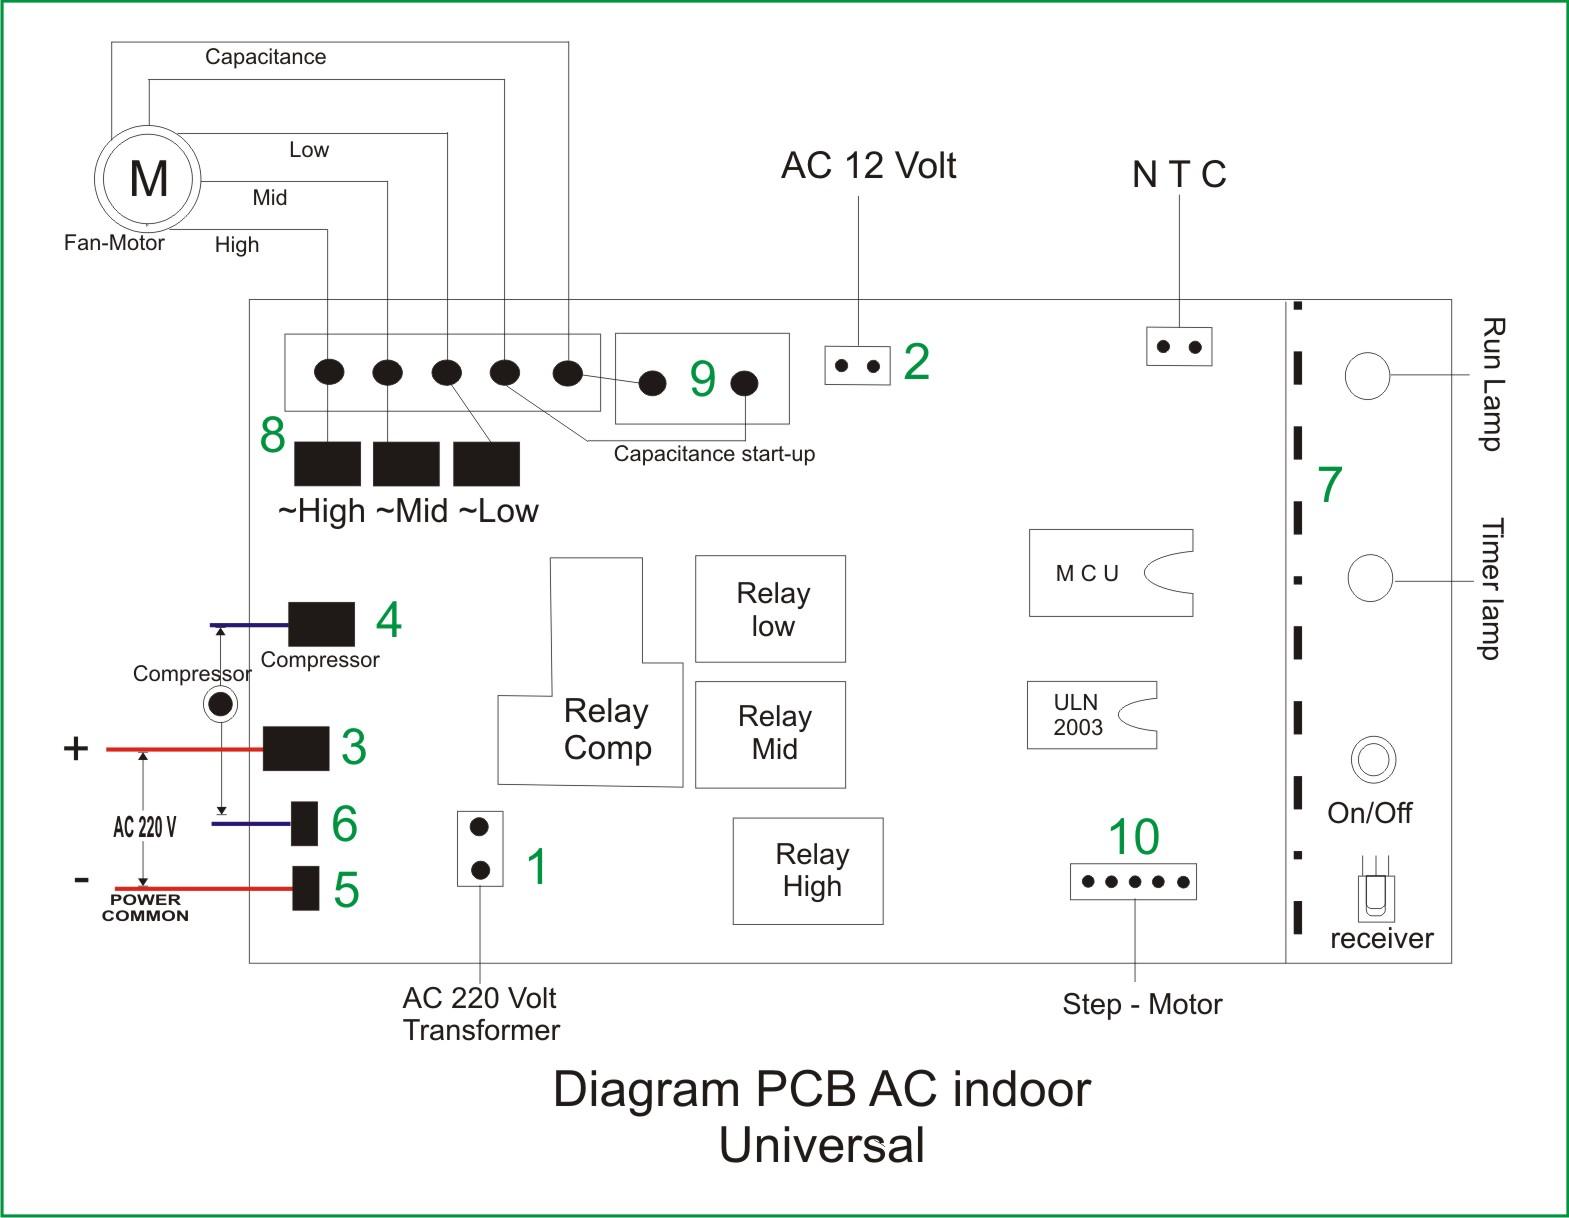 daikin split ac 1 5 ton wiring diagram cb mic diagrams inverter get free image about